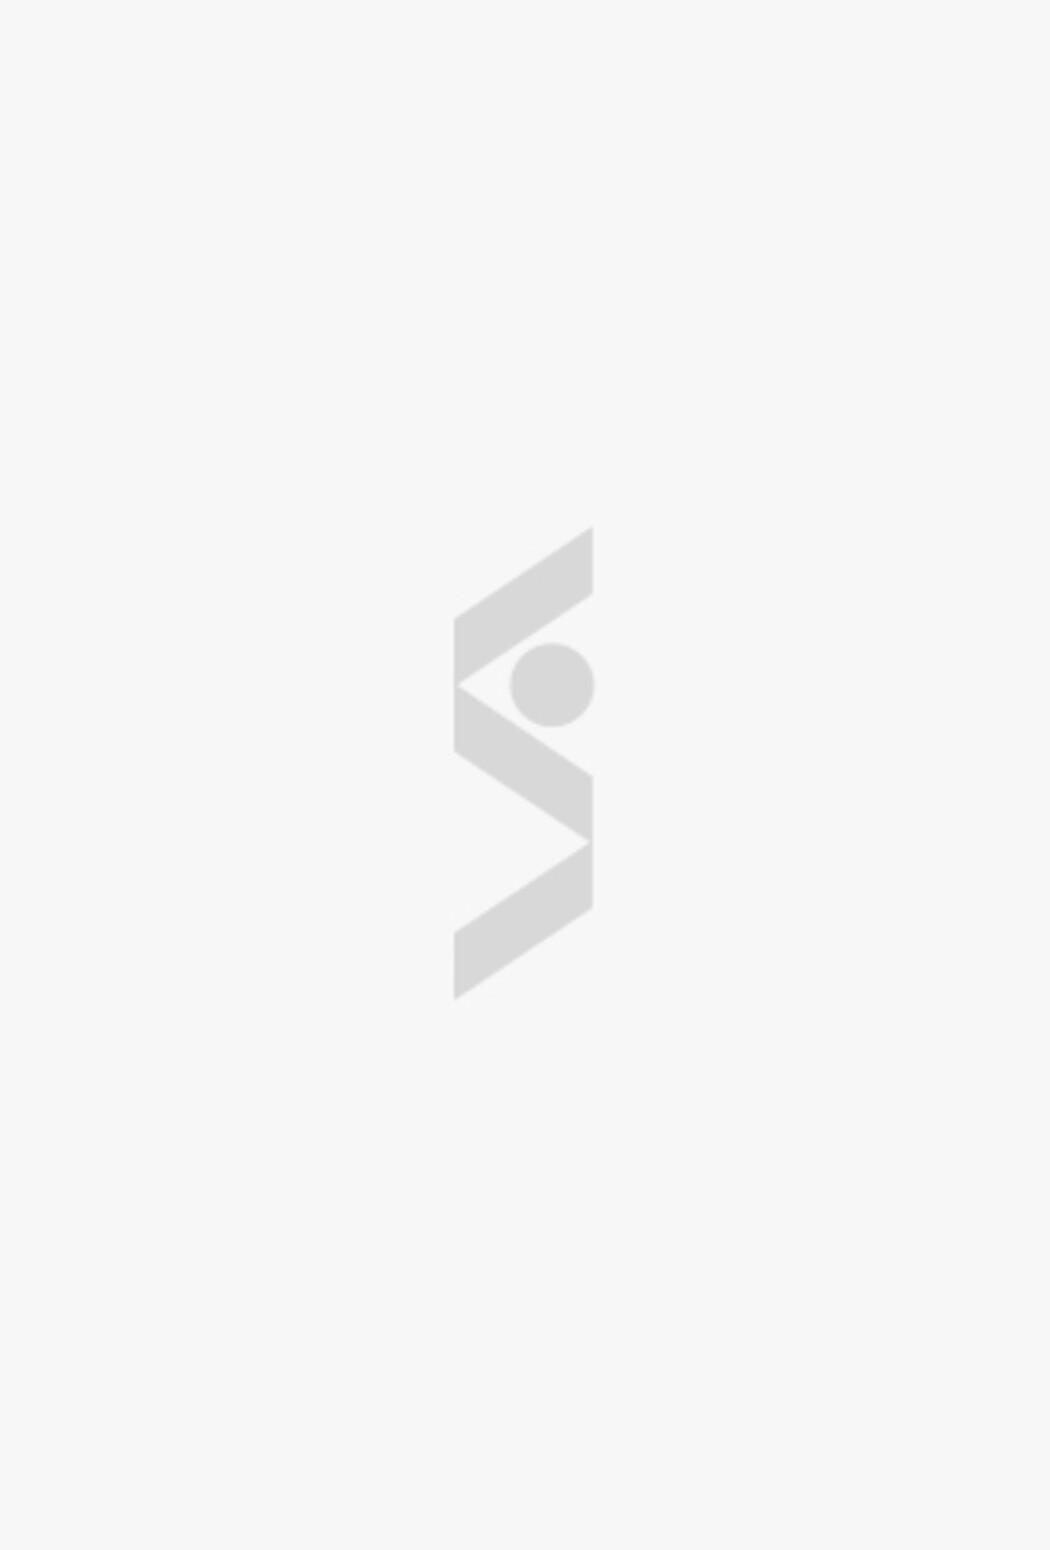 59_Жилет на молнии Dustin - цена 3490 ₽ купить в интернет-магазине СТОКМАНН в Москве